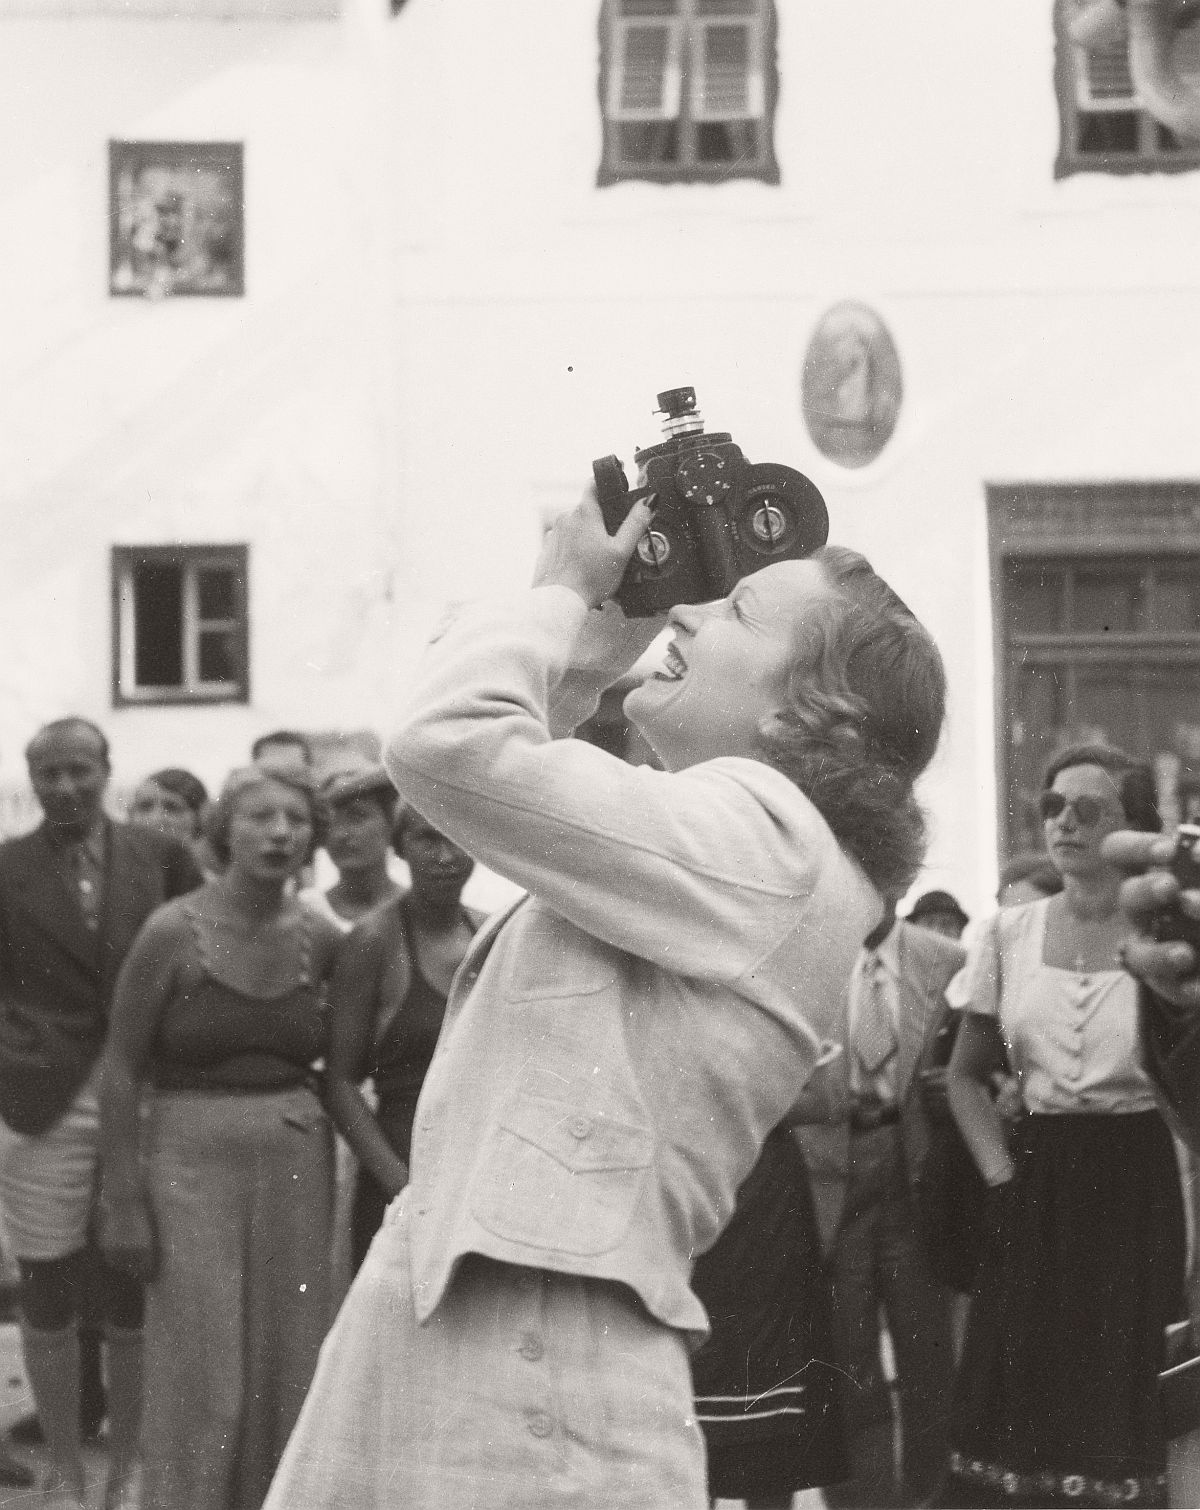 Robert Haas: Marlene Dietrich at the Salzburg Festival, 1936-1937 © Wien Museum/Sammlung Robert Haas